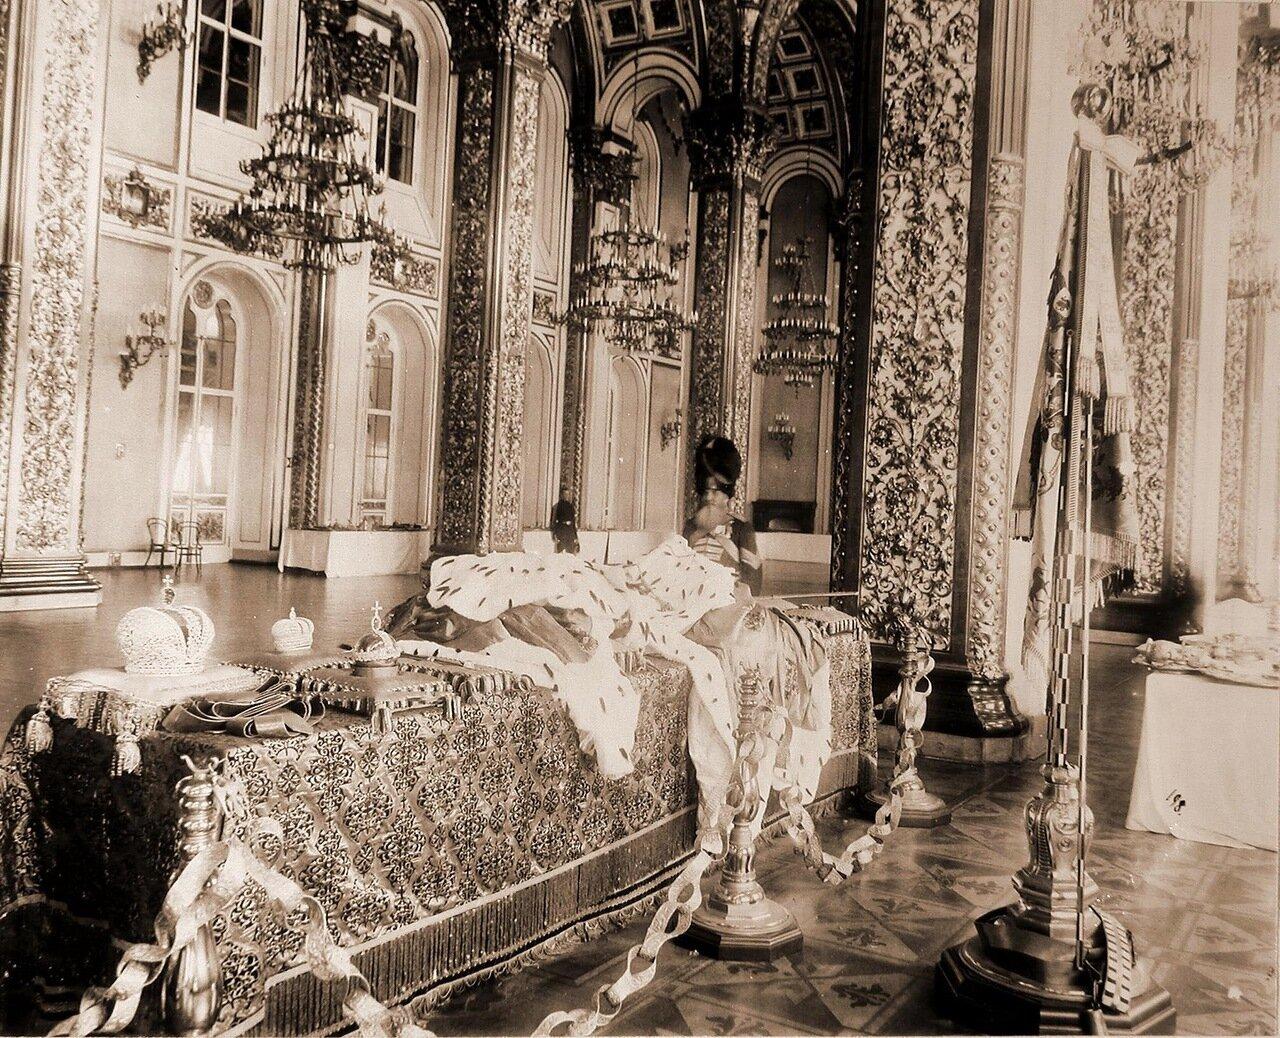 Дворцовый гренадер в Андреевском (Тронном) зале Большого Кремлевского дворца у царских регалий; на столе слева направо Большая и Малая императорские короны, держава, скипетр, порфиры (императорские мантии); у стола